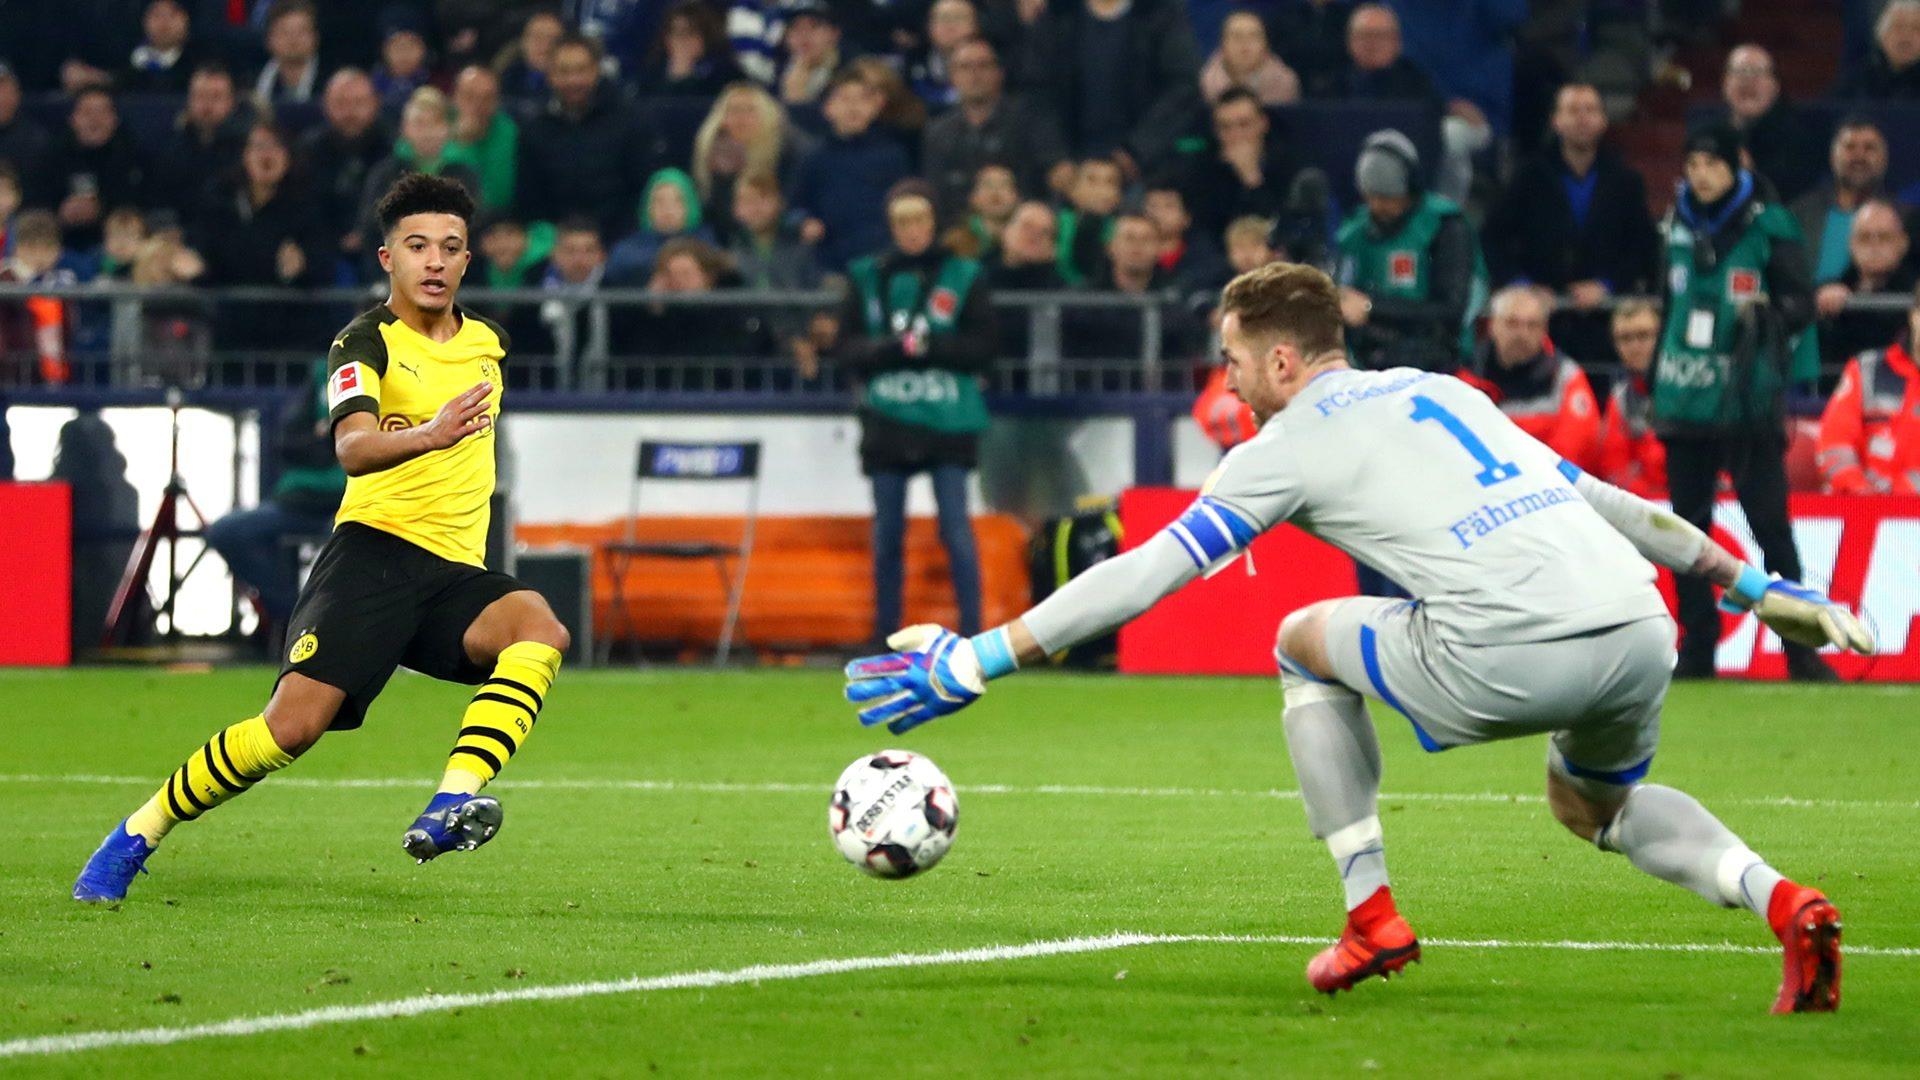 Watch: Schalke 1-2 Borussia Dortmund